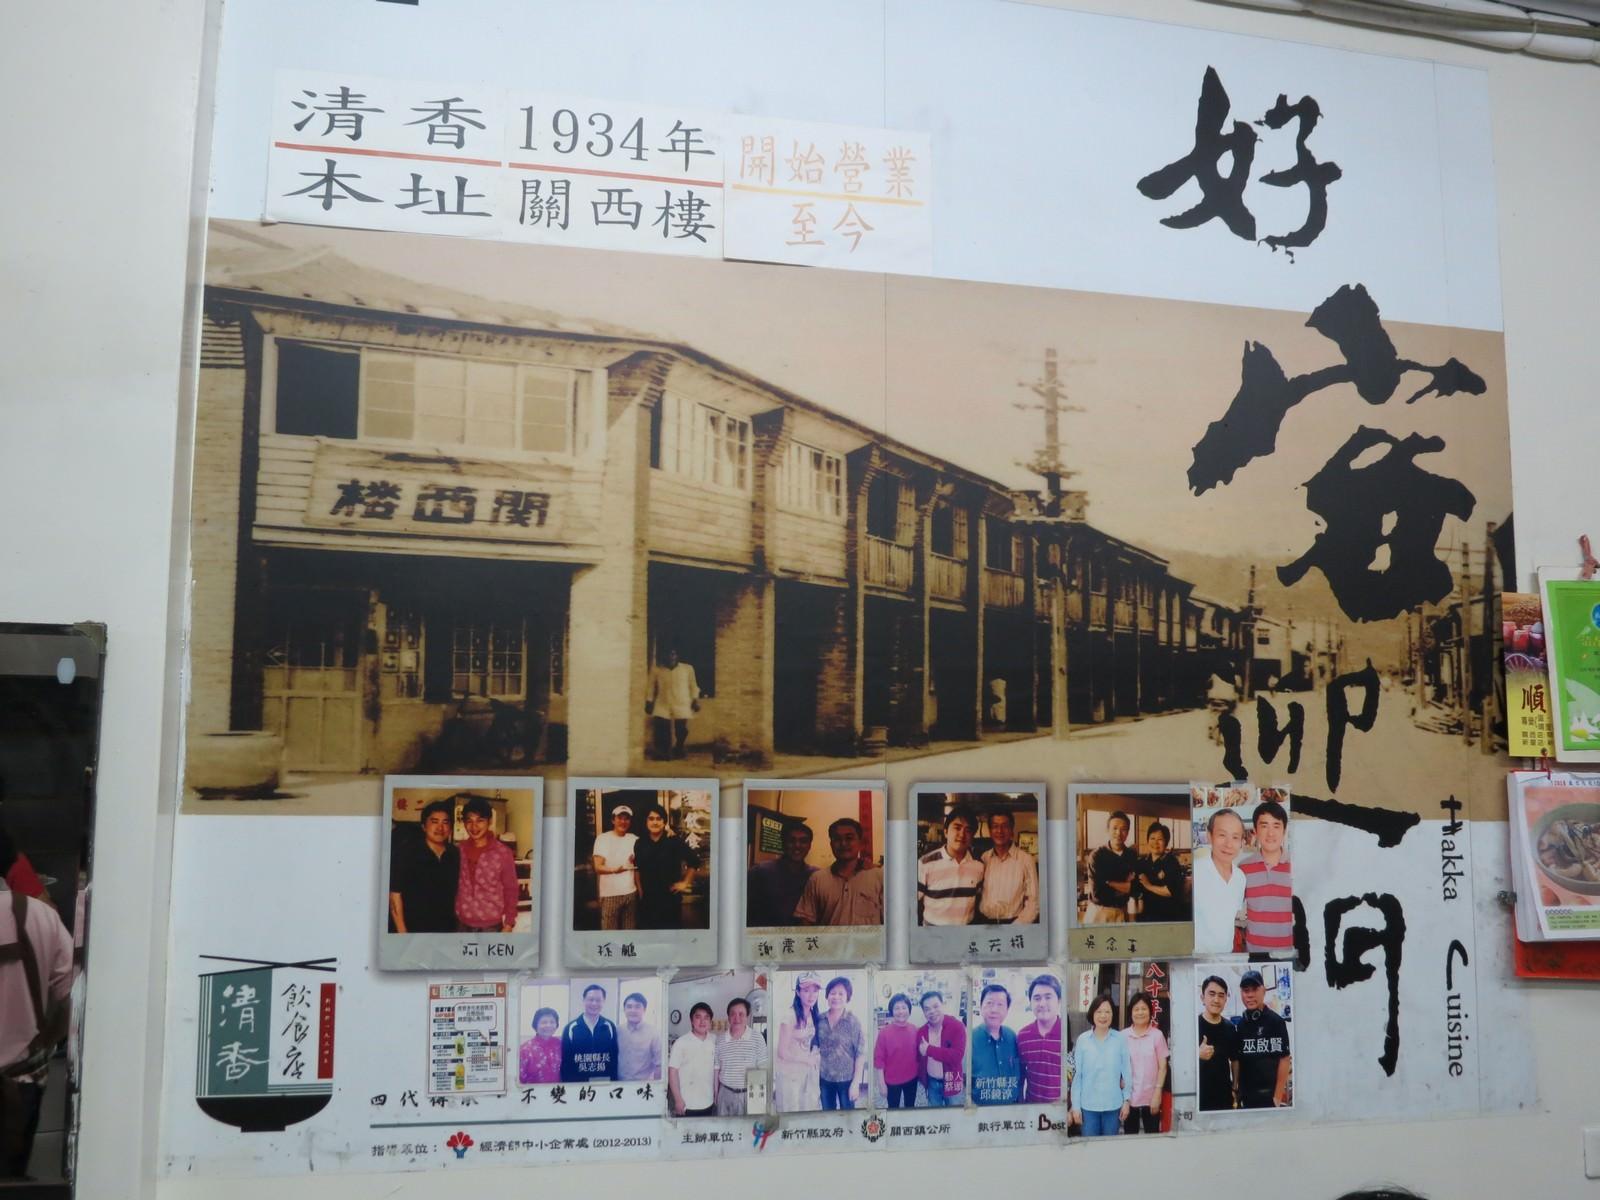 清香飲食店, 名人造訪